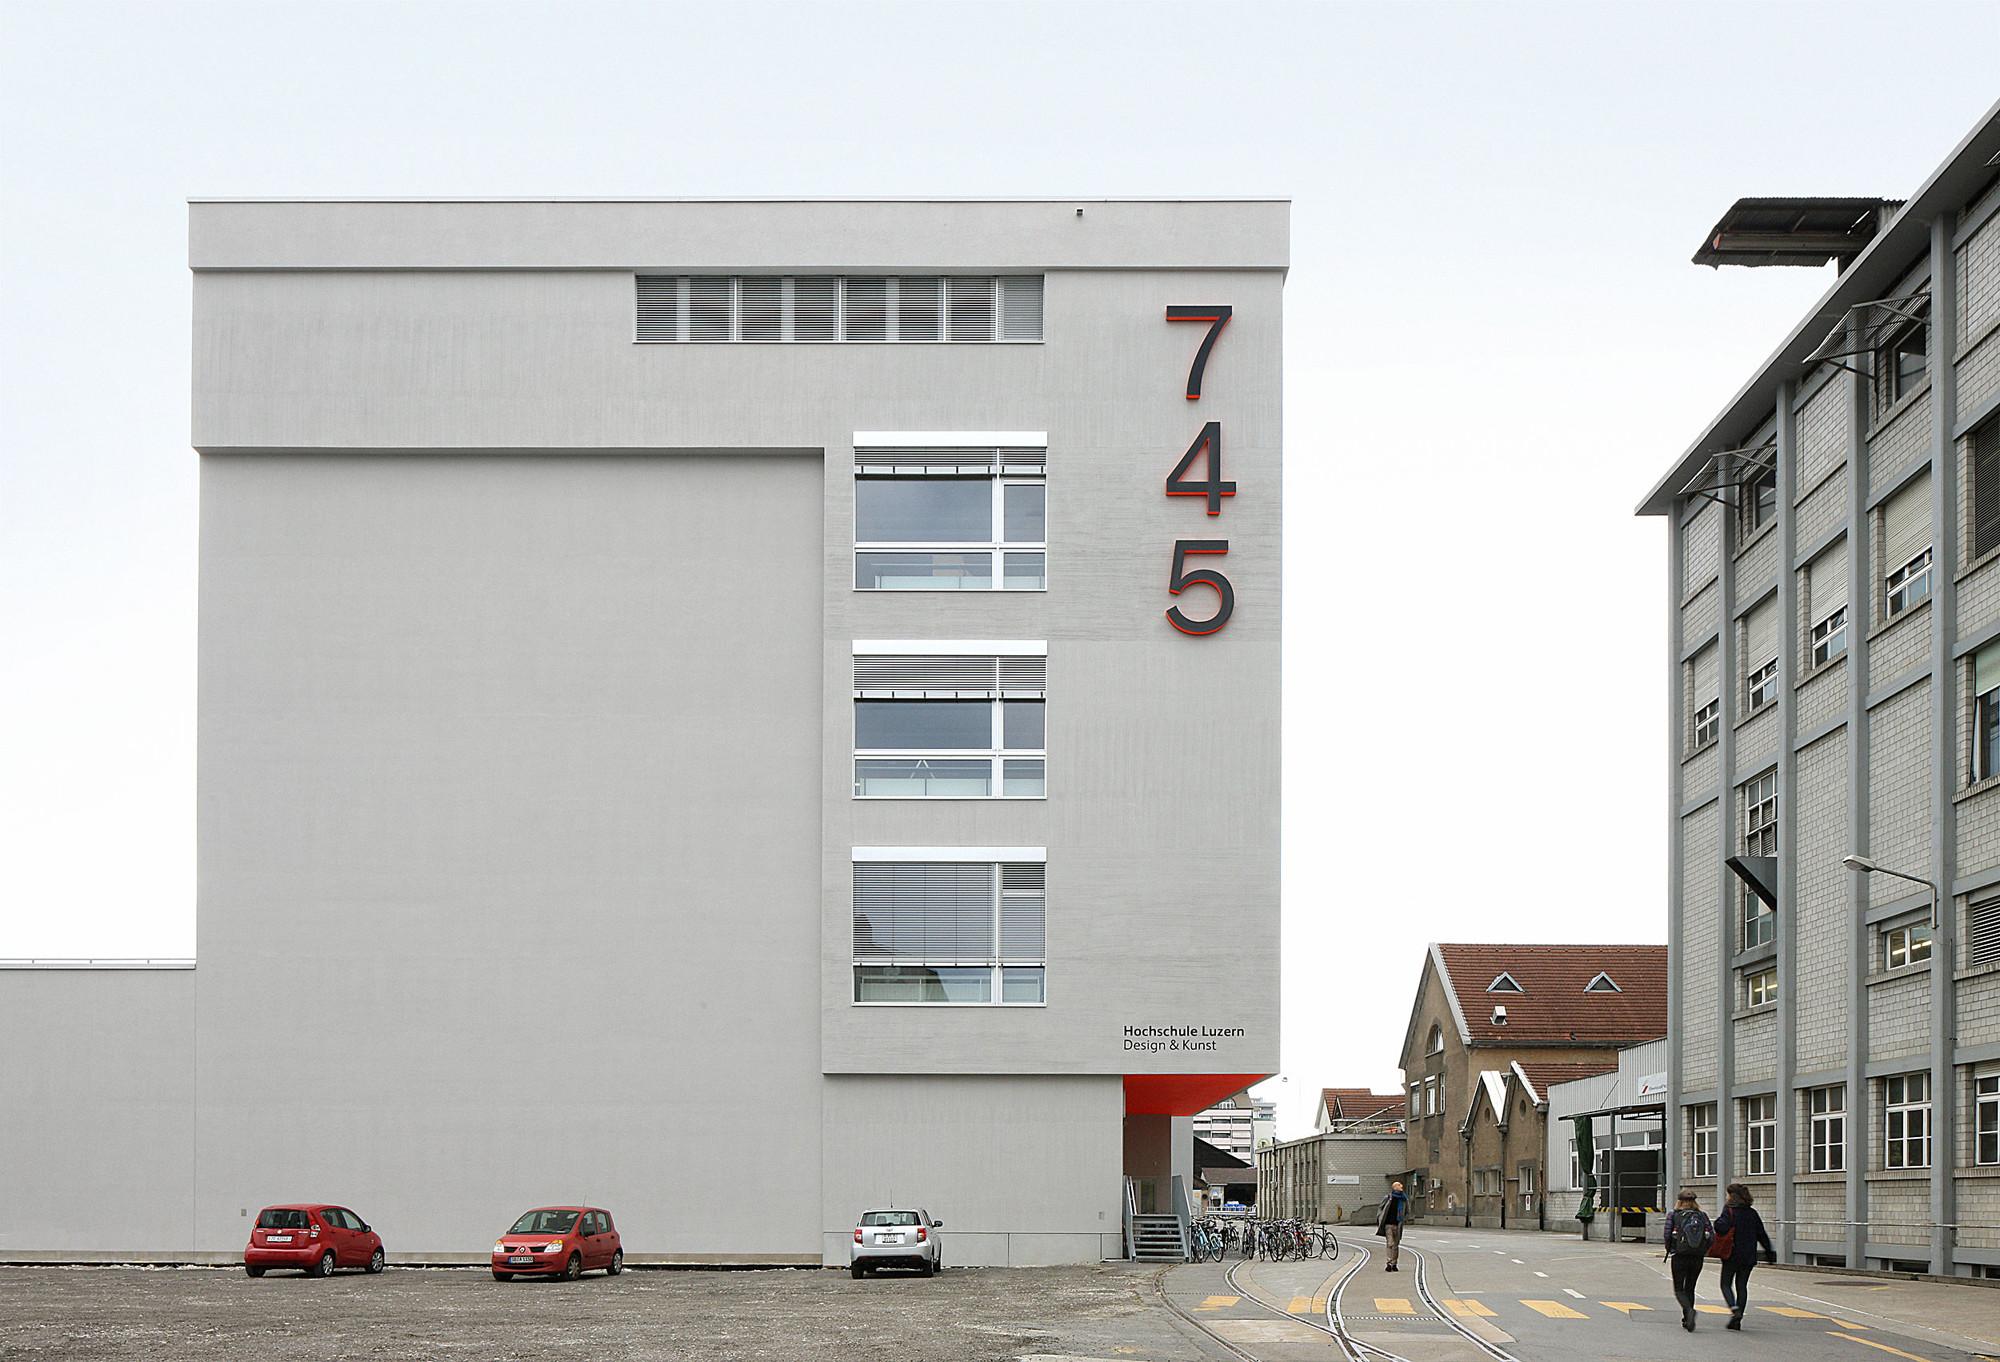 Hochschule luzern design kunst in emmen d mmstoffe for Dujardin 007